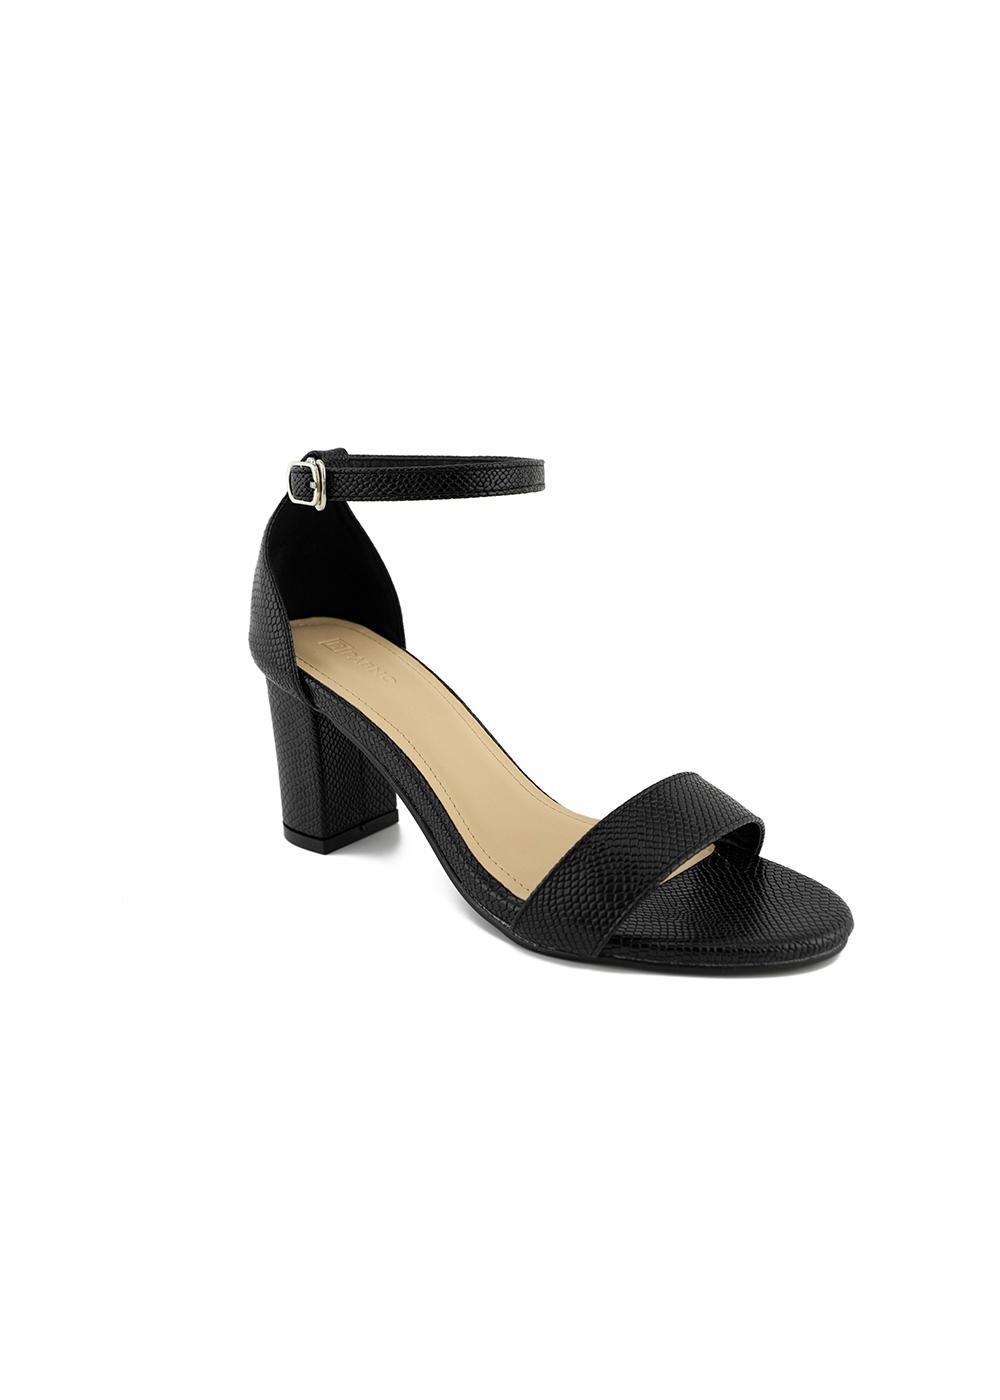 Giày Sandal Cao Gót Nữ PABNO PN14005, Họa Tiết Da Rắn, Bít Gót 7cm, Kiểu Dáng Thanh Lịch